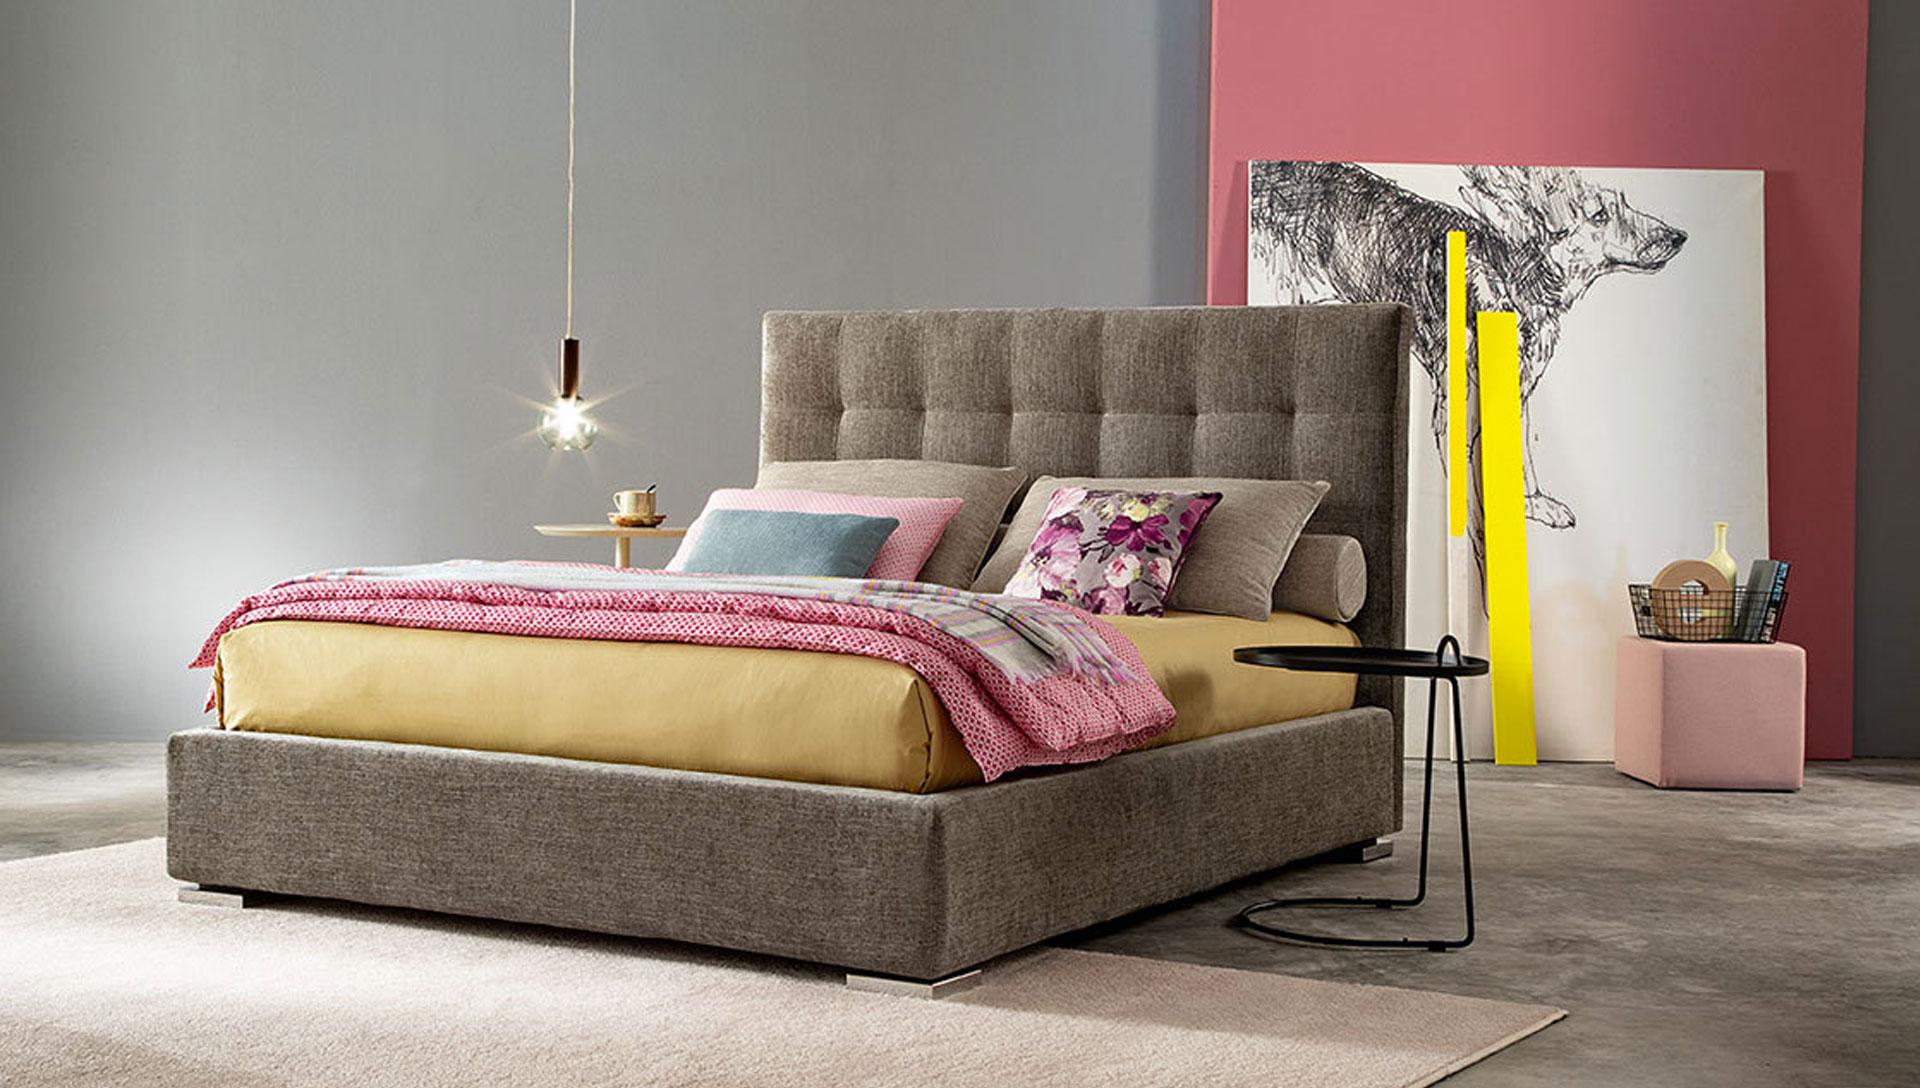 zona-notte-v-nice-comodus-arredamenti-nicoletti-interni-interior-design-divani-complementi-arredo-mobili-design-accessori-matera